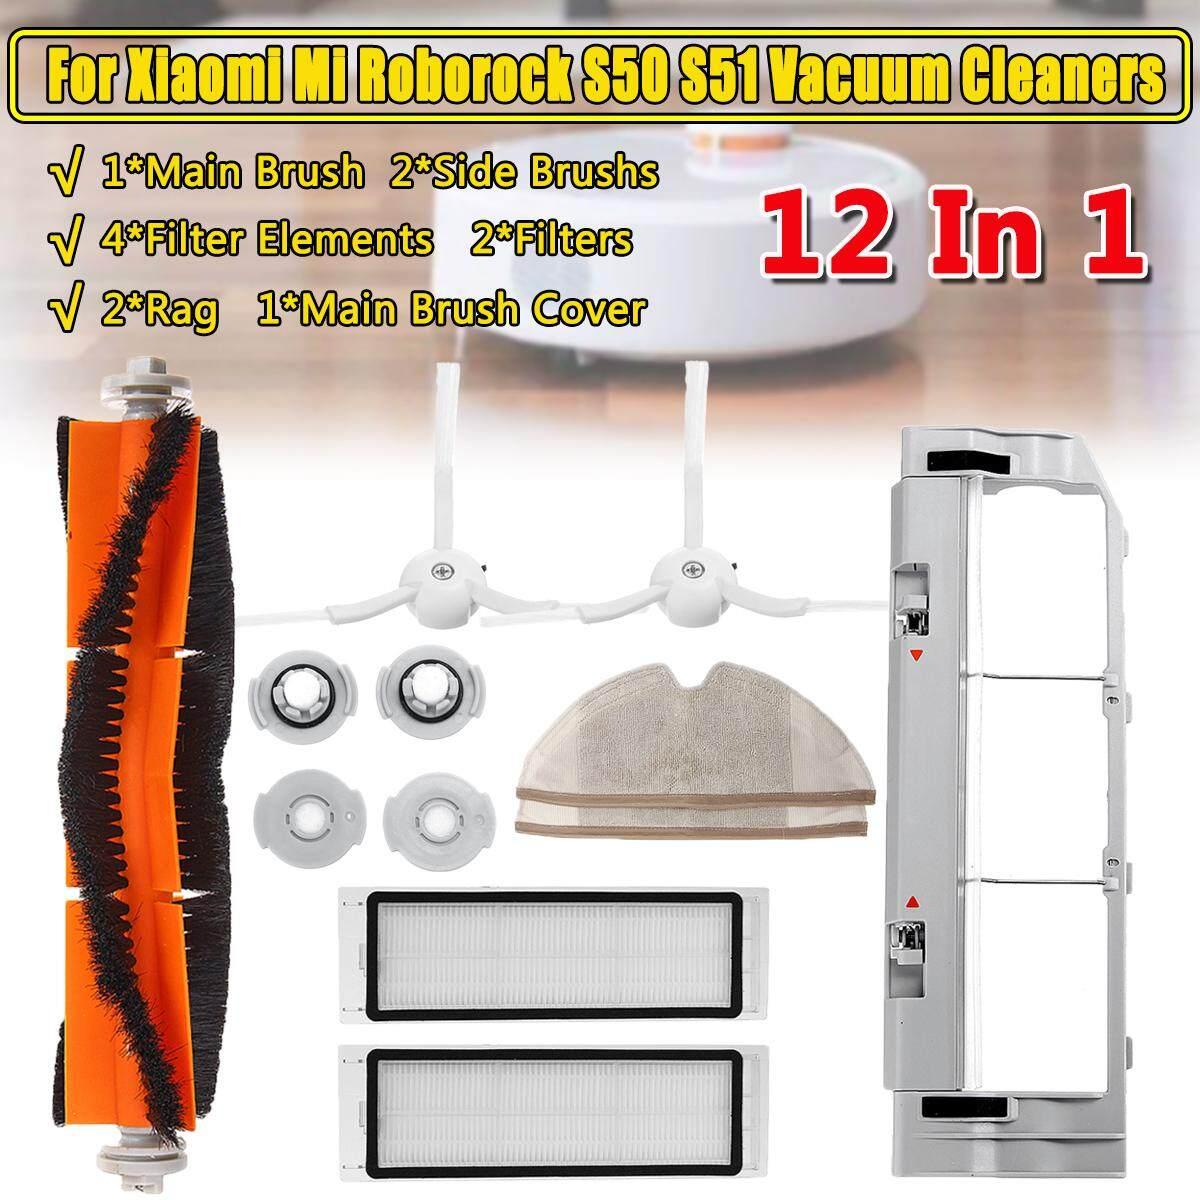 12 Cái/Bộ Bên Chính Brushs Lọc Cho Xiaomi Mi Roborock S50 S51 Máy Hút Bụi